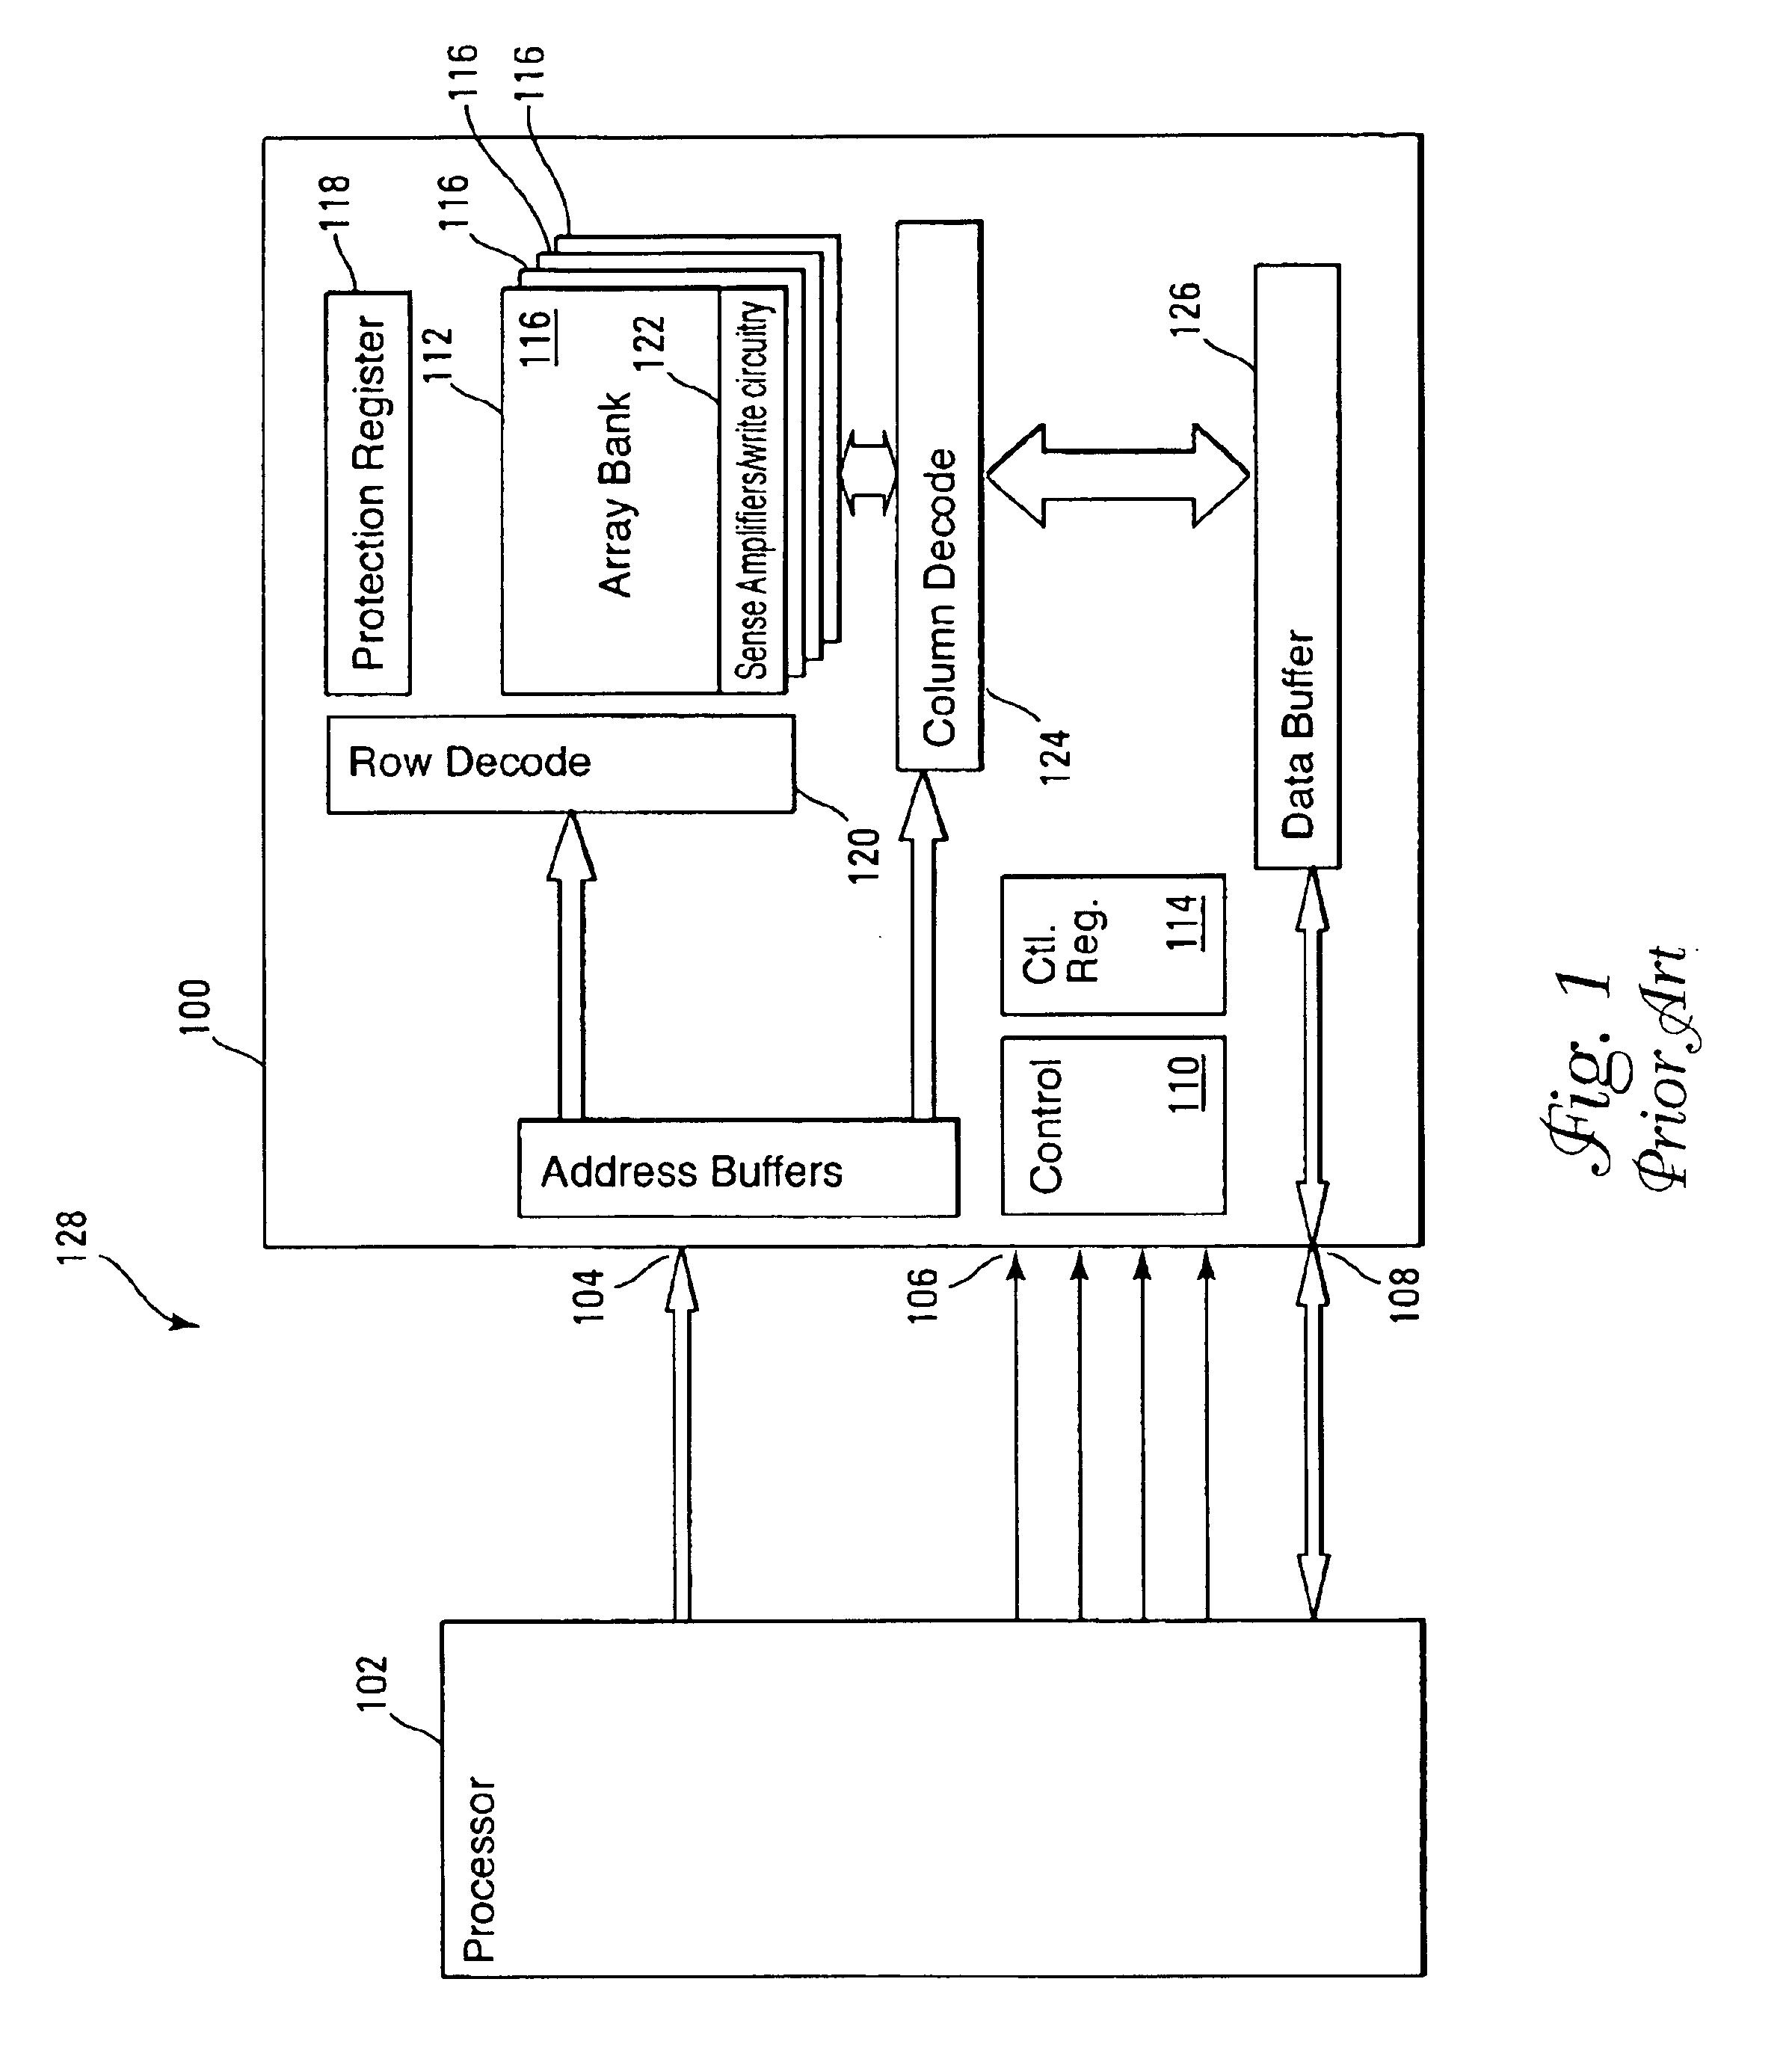 Patent US6947323